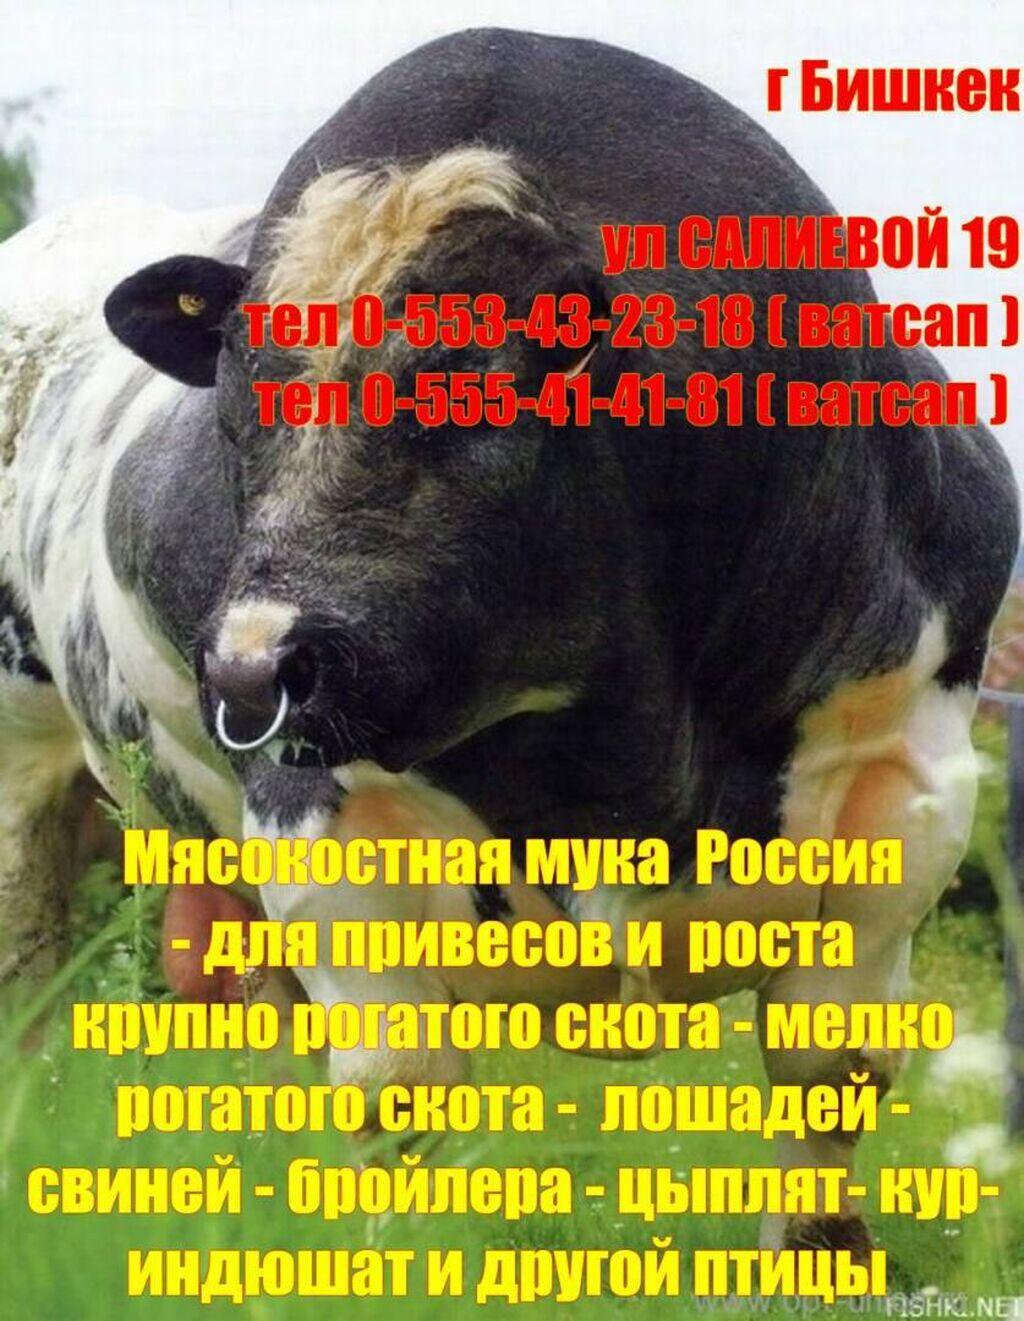 Мясокостная Мука Россия -- для привесов роста крс мрс лошадей свиней: Мясокостная Мука Россия  -- для привесов роста крс мрс лошадей свиней